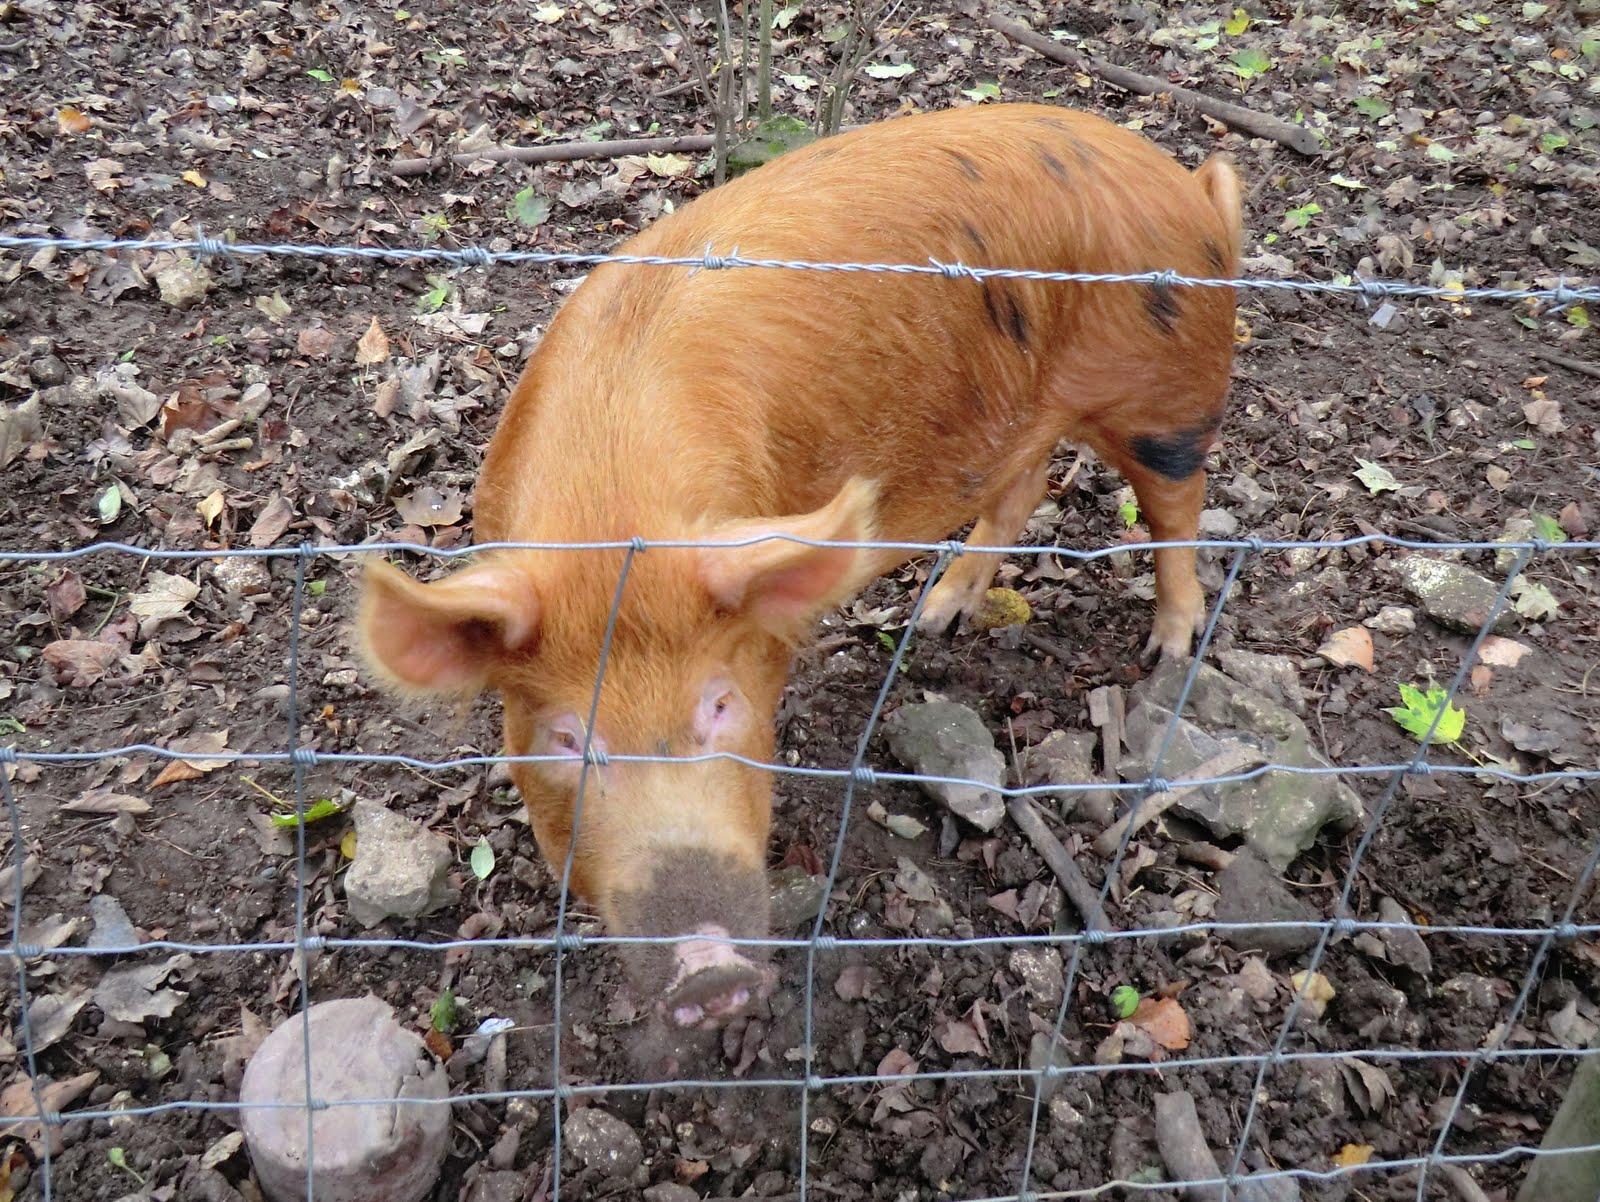 CIMG0307 Tamworth pig, Marden Park Farm